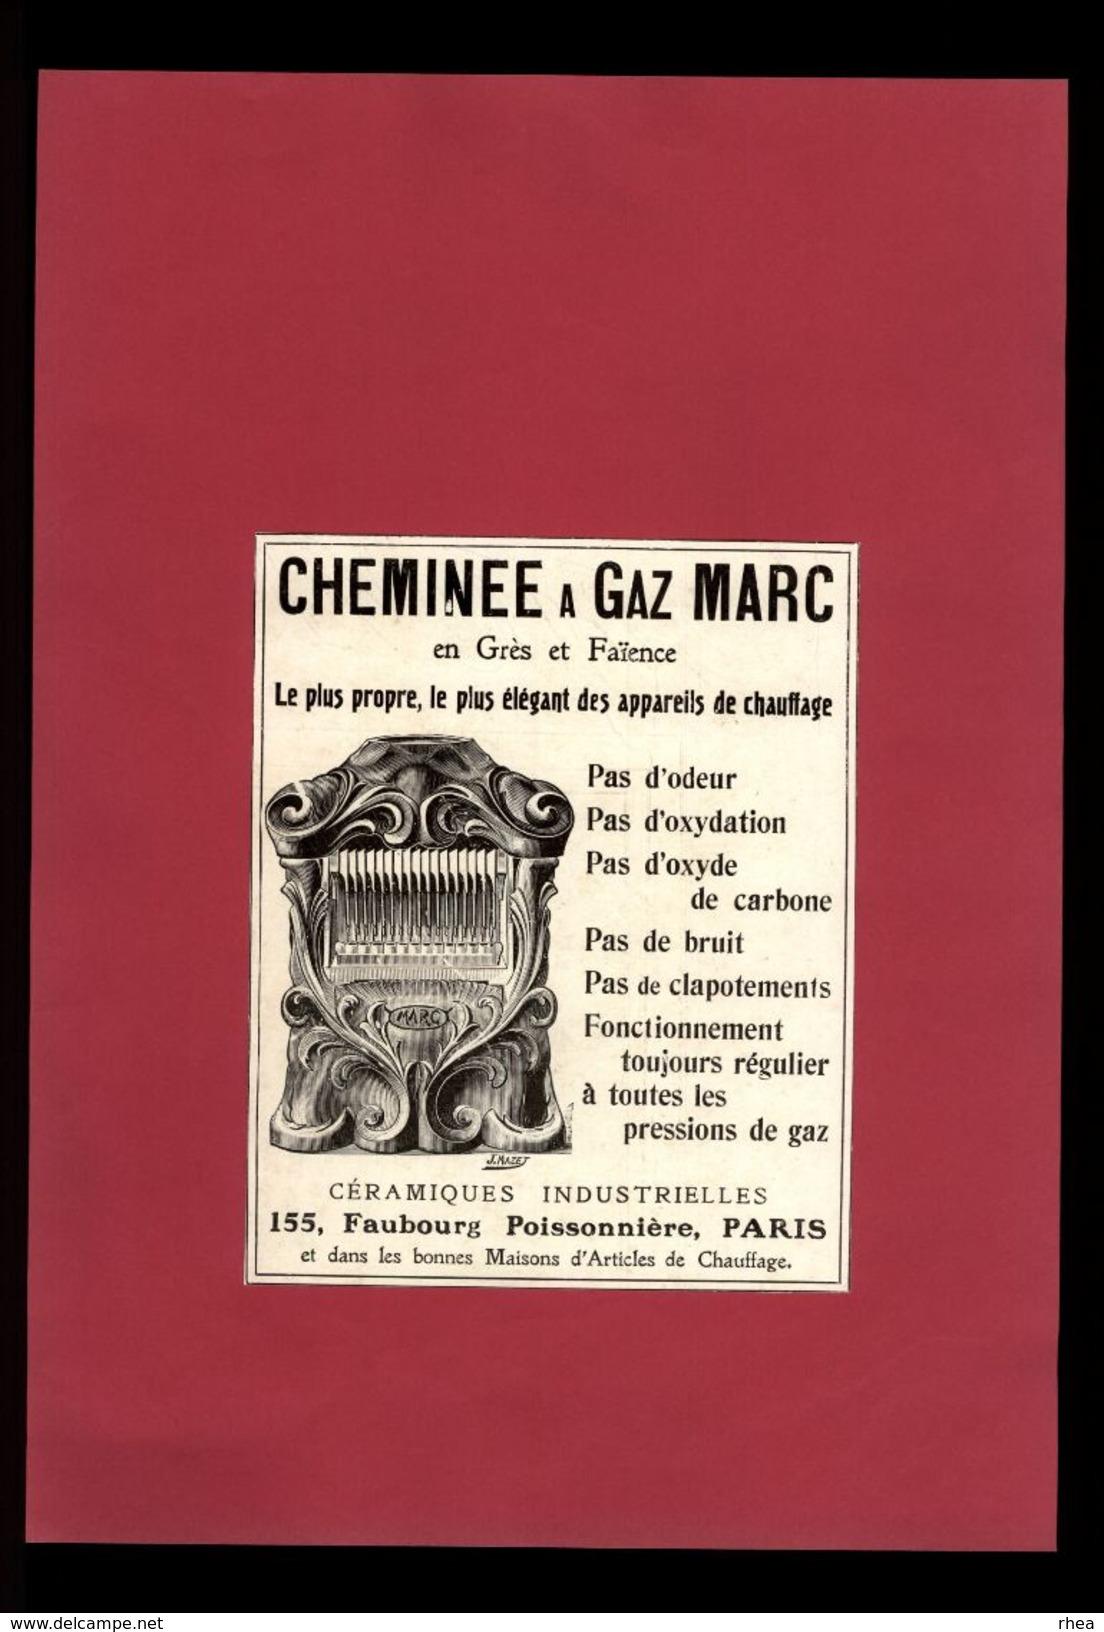 PUBLICITES - Cheminée à Gaz Marc - Pub Issue D'une Revue De 1929 Et Collée Sur Feuille - Publicités